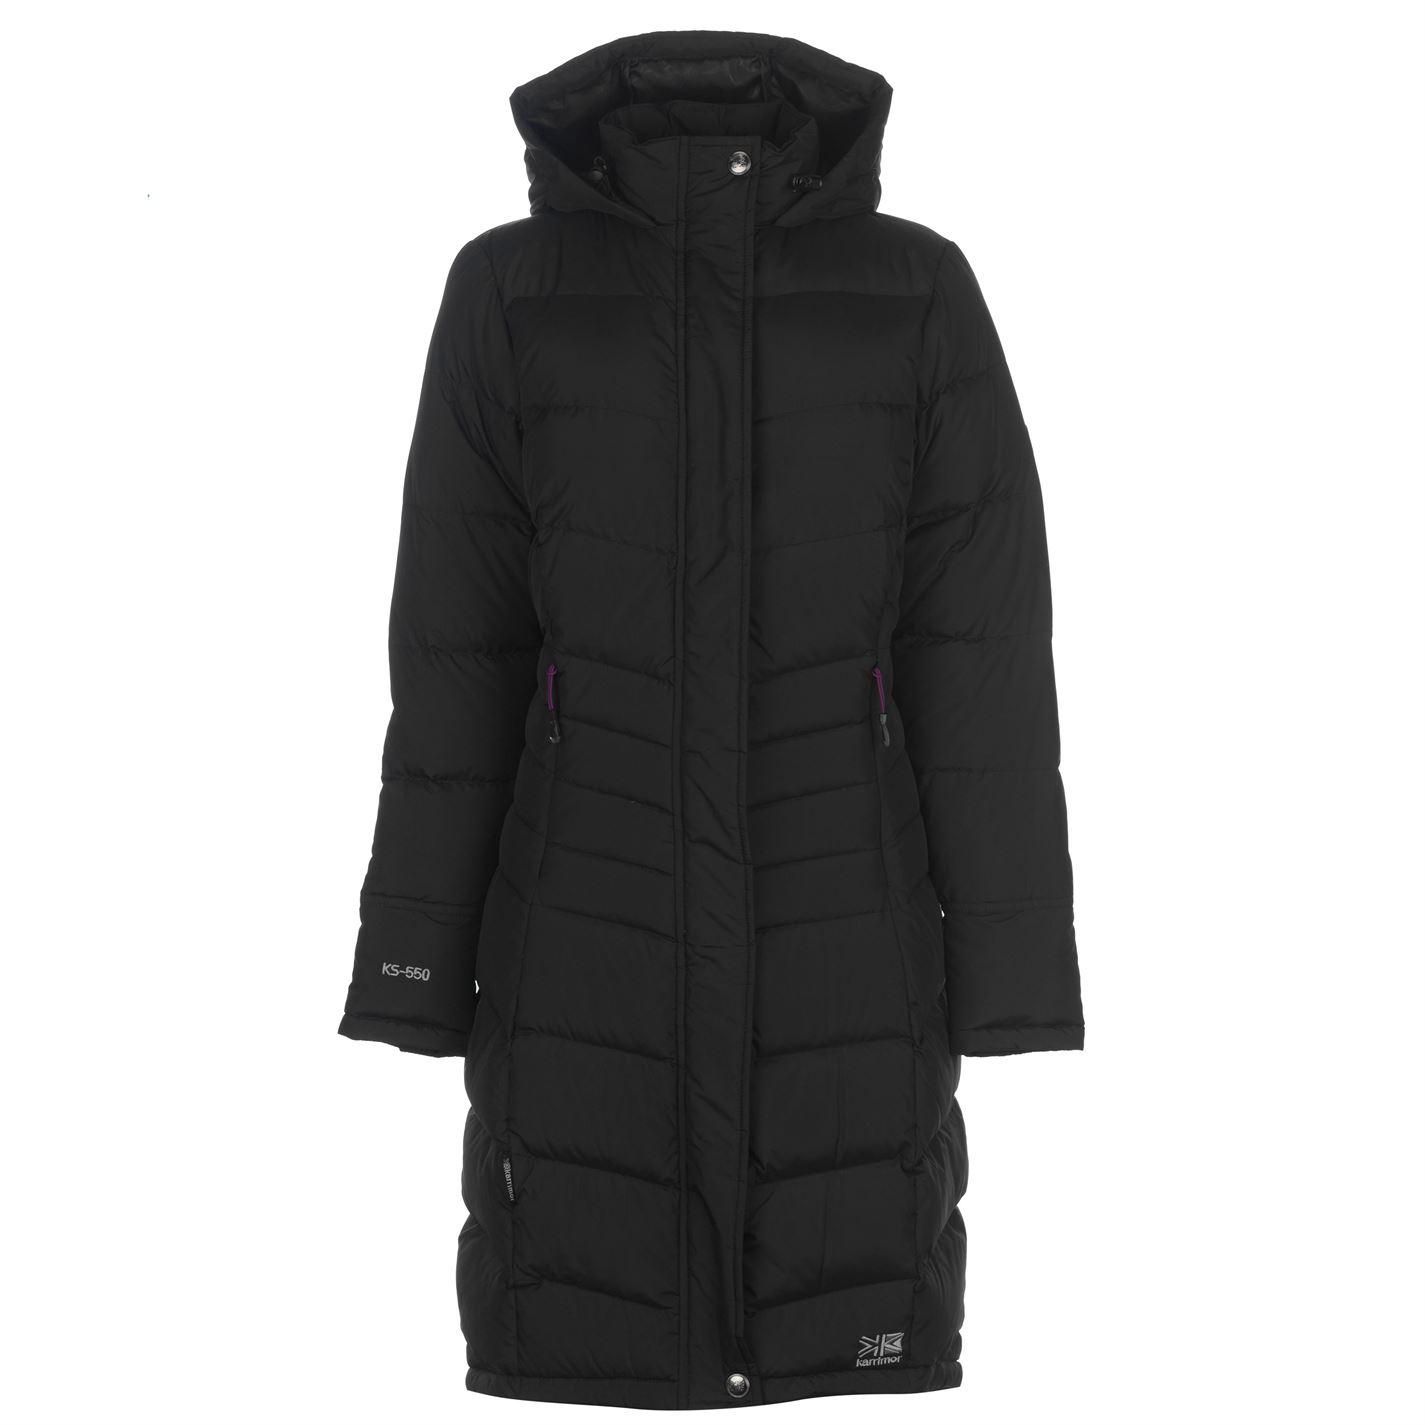 Bunda Karrimor Long Down Jacket Ladies - Glami.sk 4791c28492a